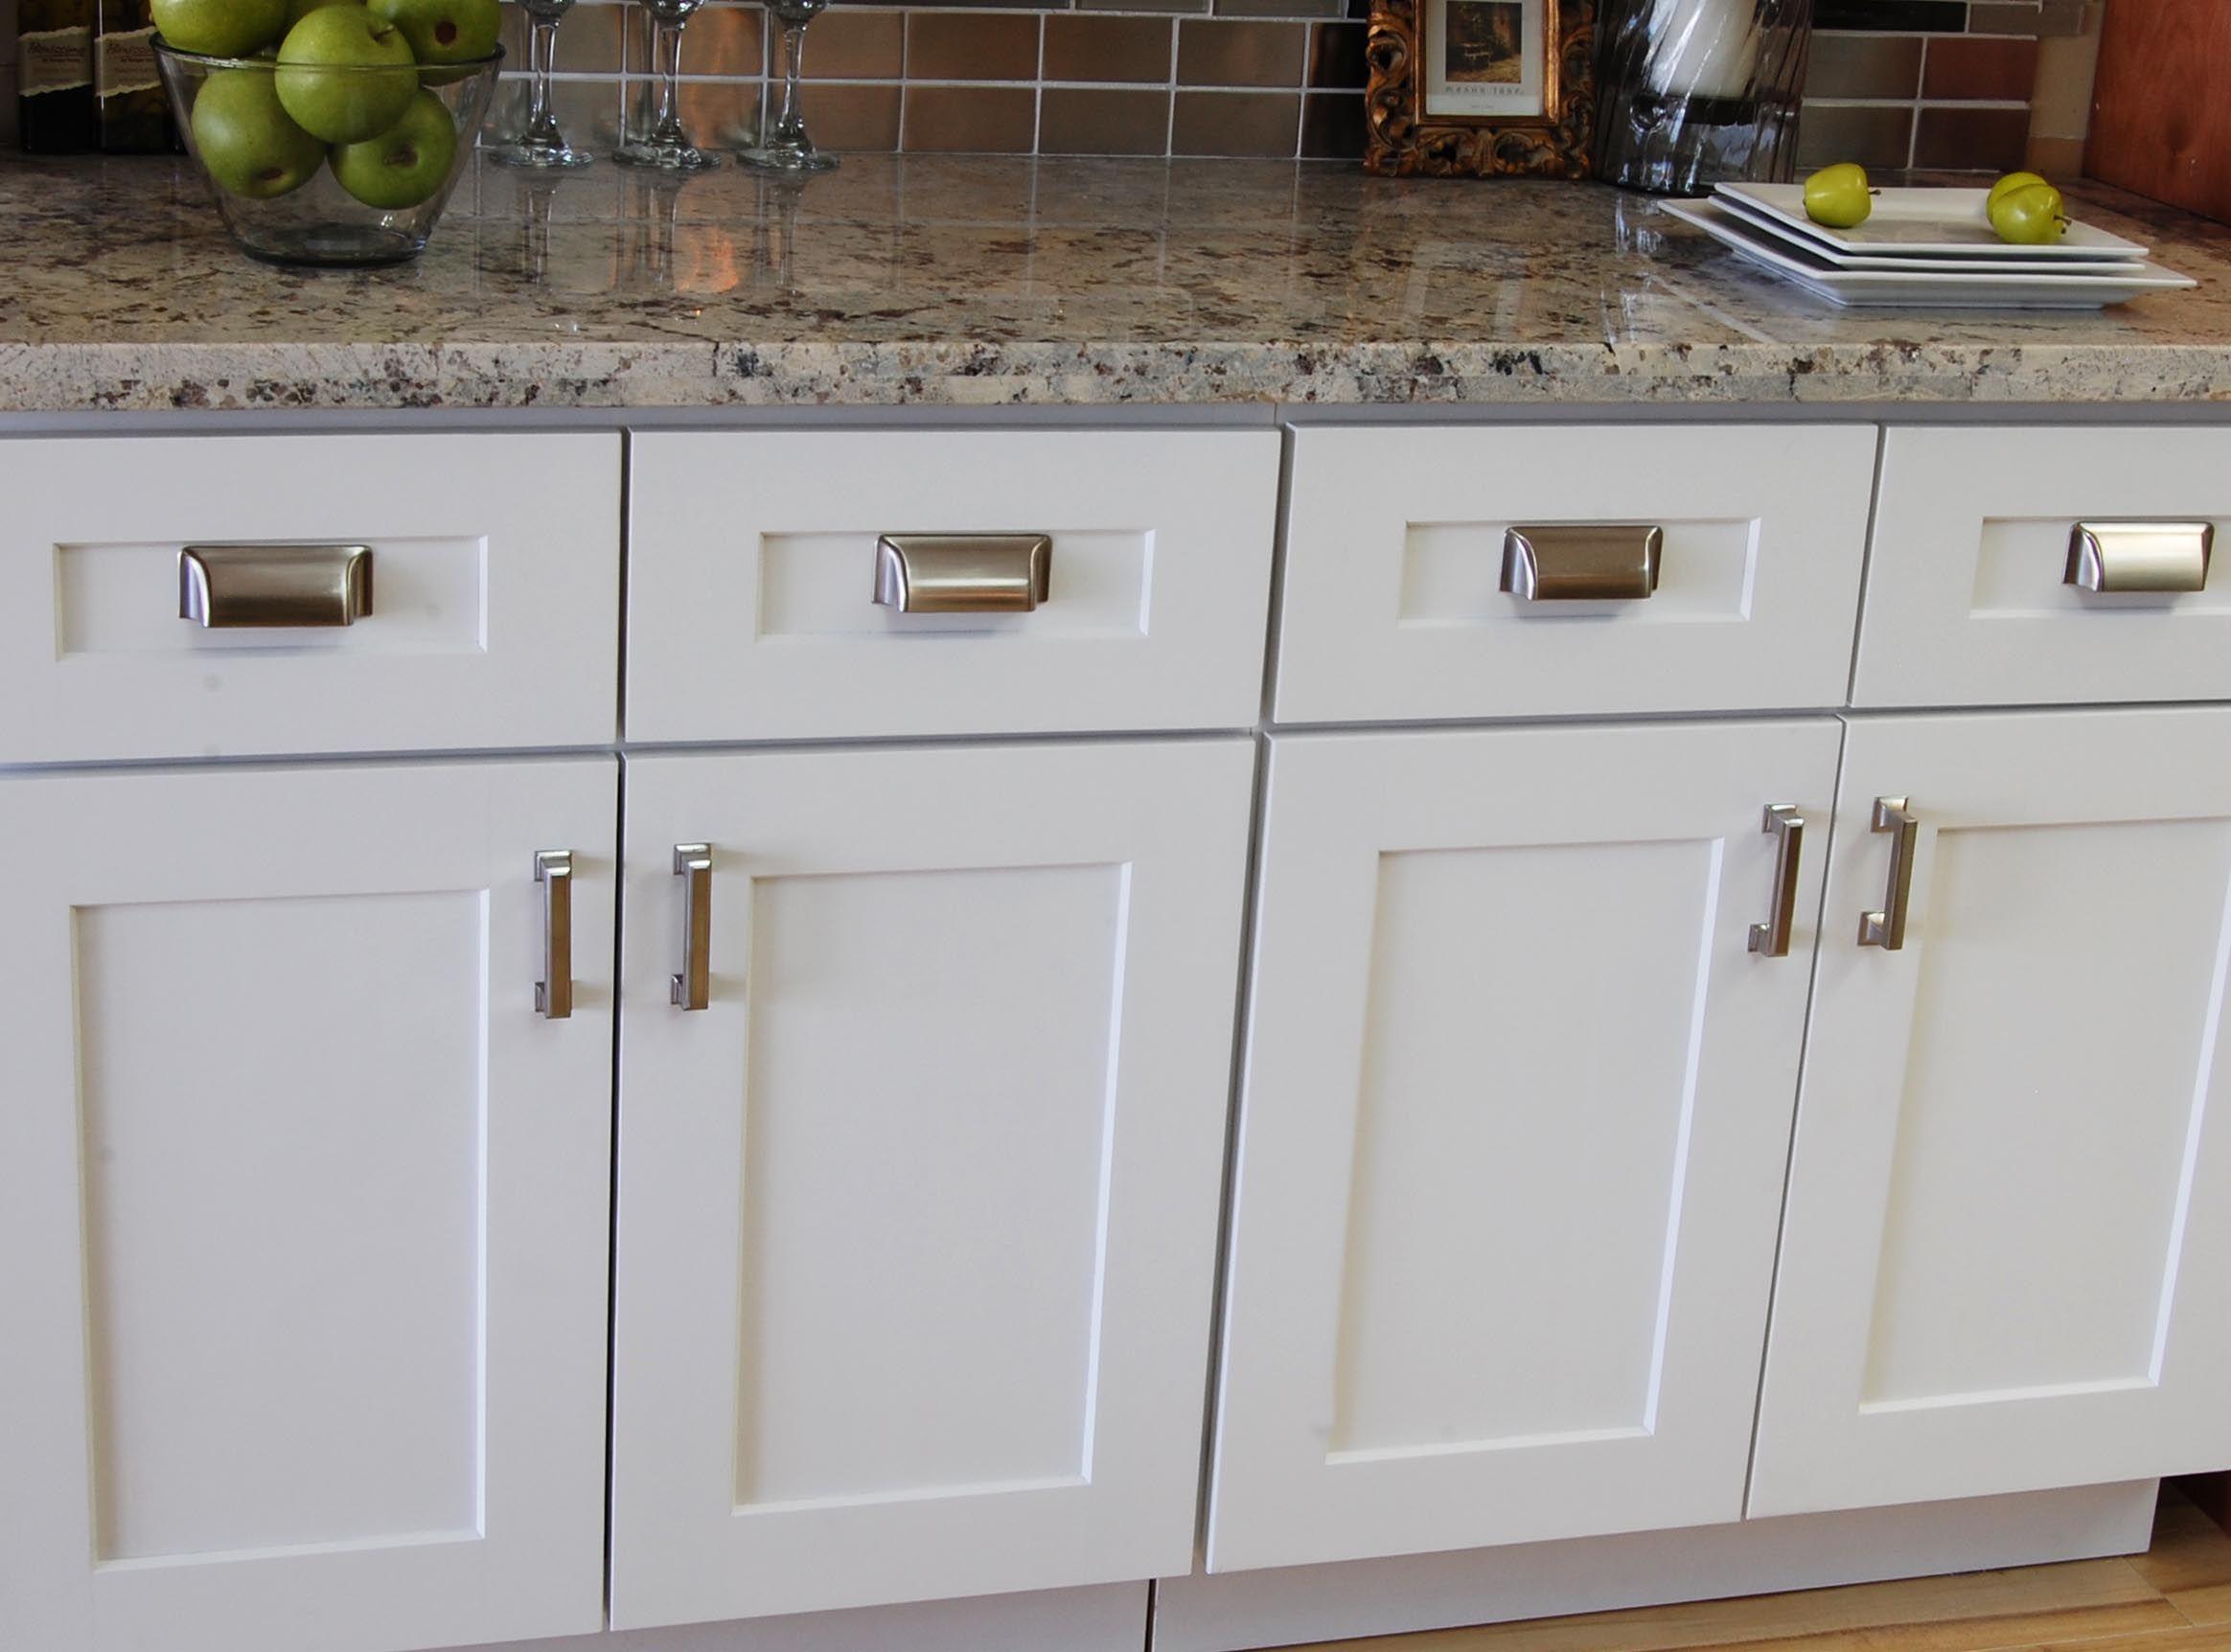 küchenschranktüren | küchenschranktüren einzeln kaufen ehrfürchtig